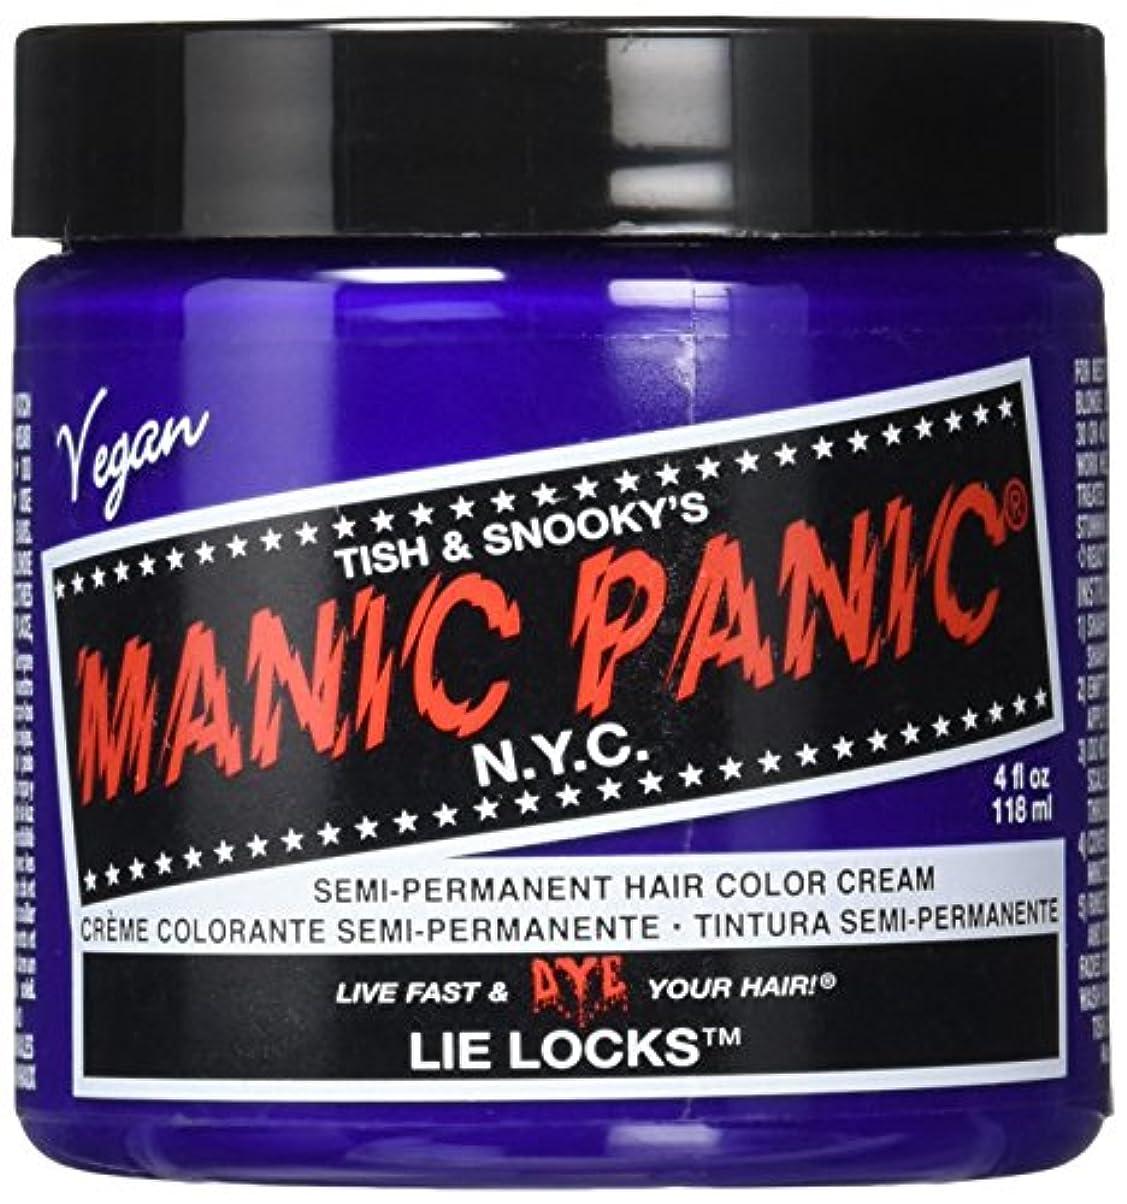 フレームワーク富灌漑マニックパニック MANIC PANIC ヘアカラー 118mlライラック ヘアーカラー